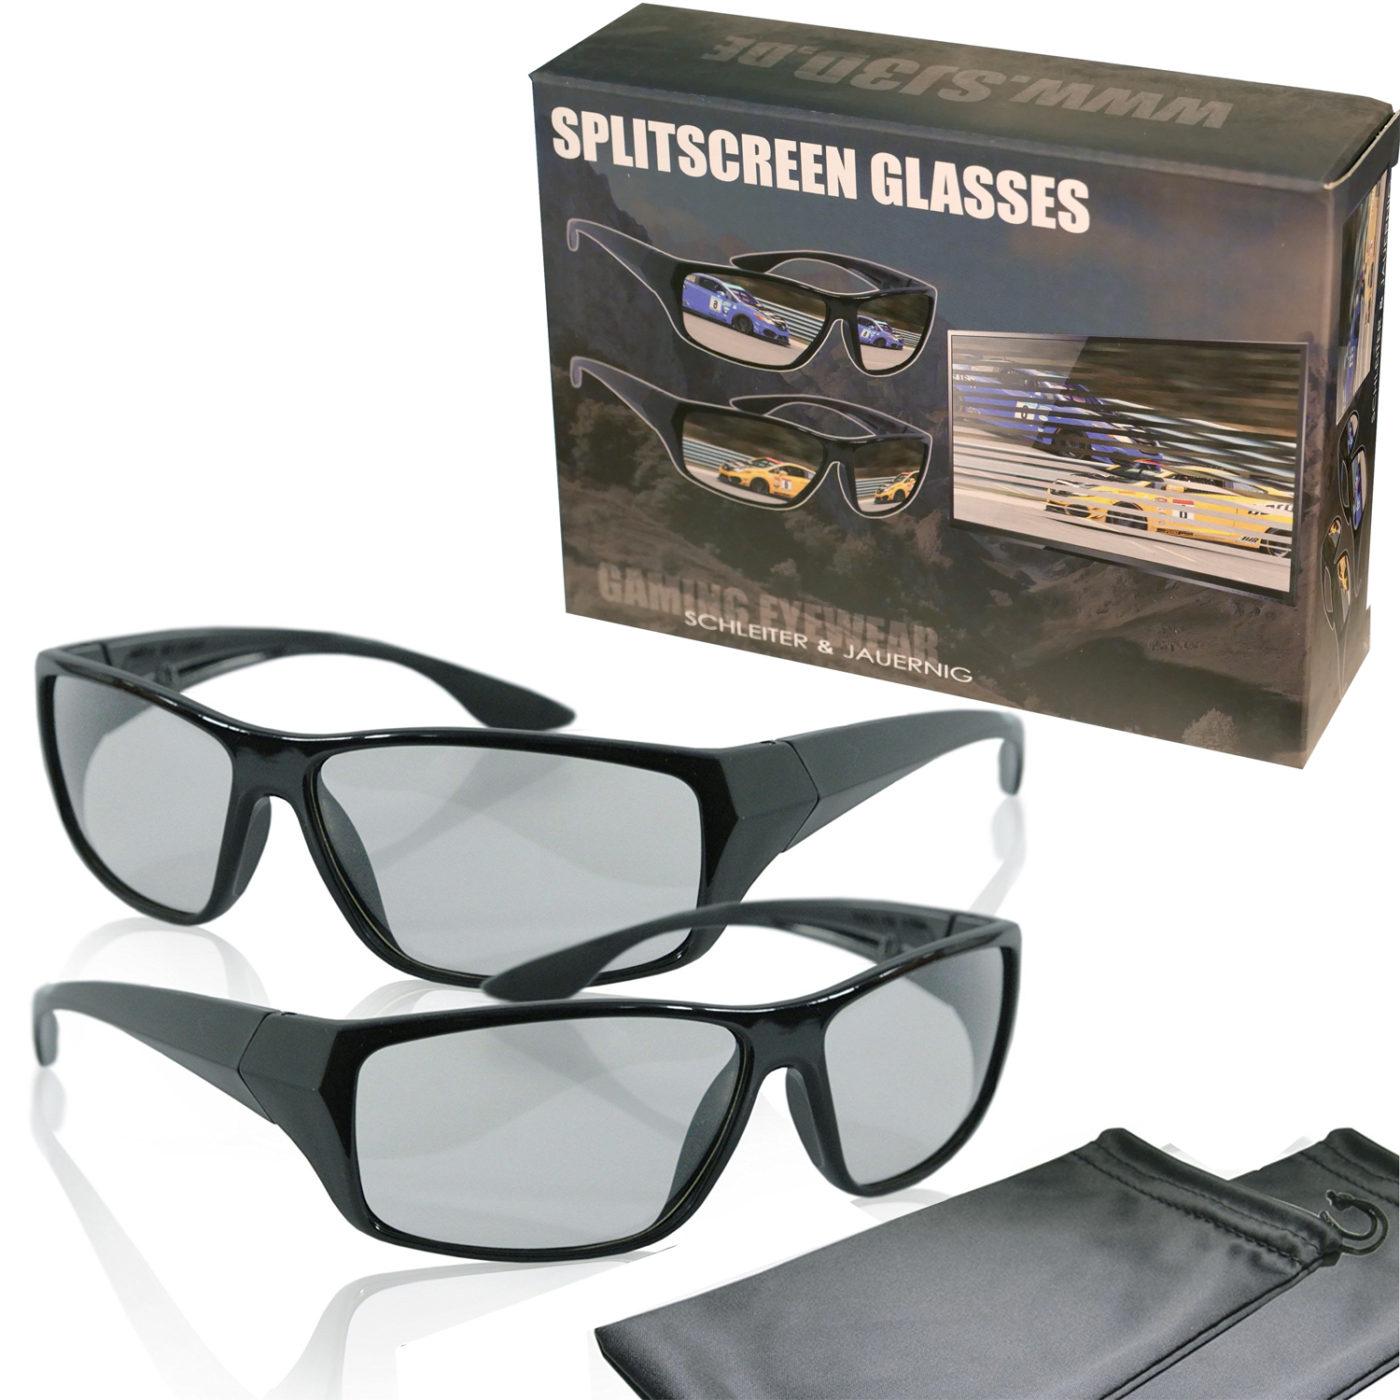 70a30b3a2967ed lunettes de filtre polarisant 3D de coupe sportive - Schleiter ...